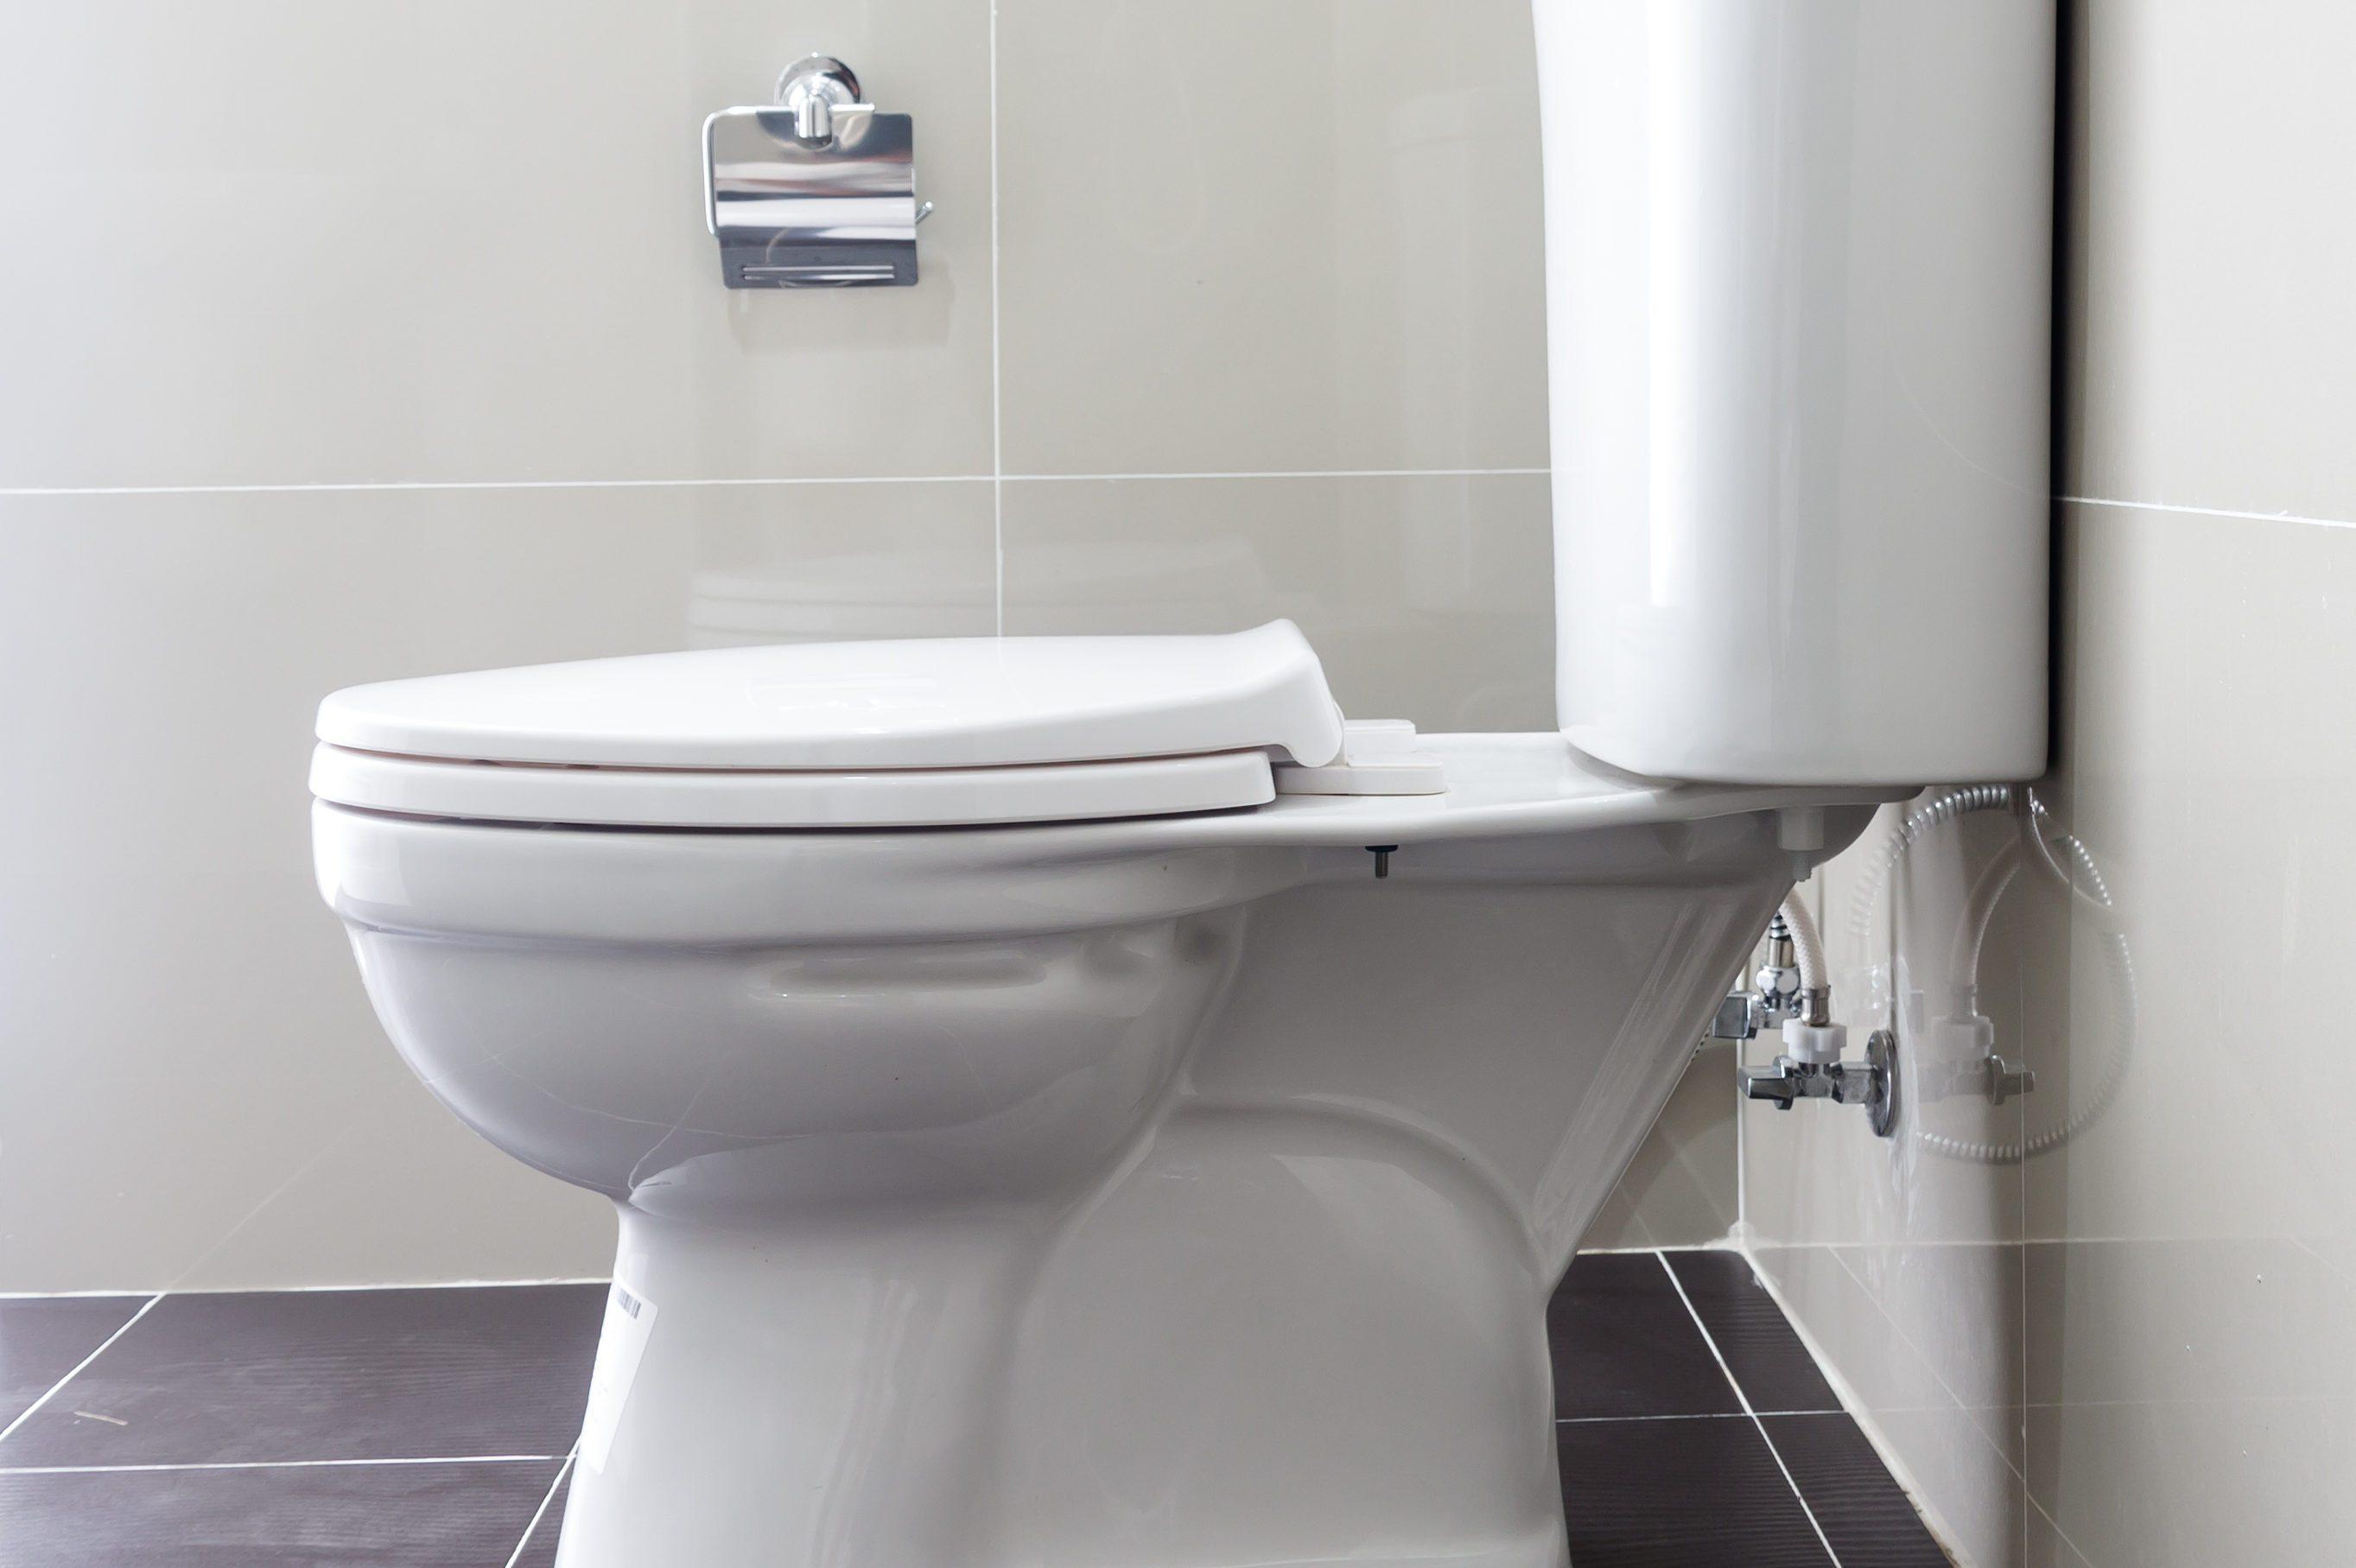 Toilet Bowl In Bathroom